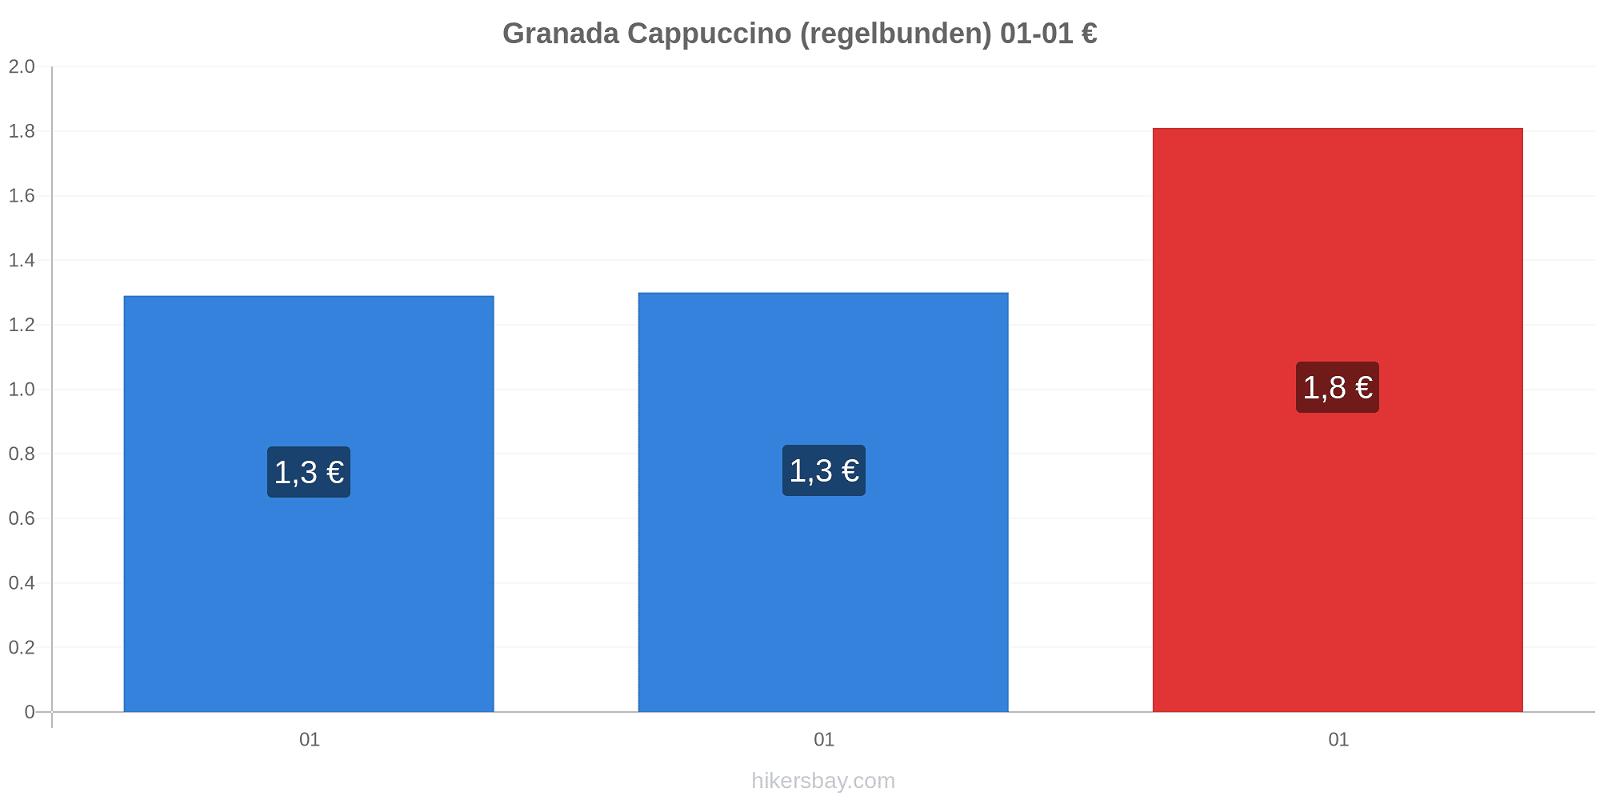 Granada prisförändringar Cappuccino (regelbunden) hikersbay.com